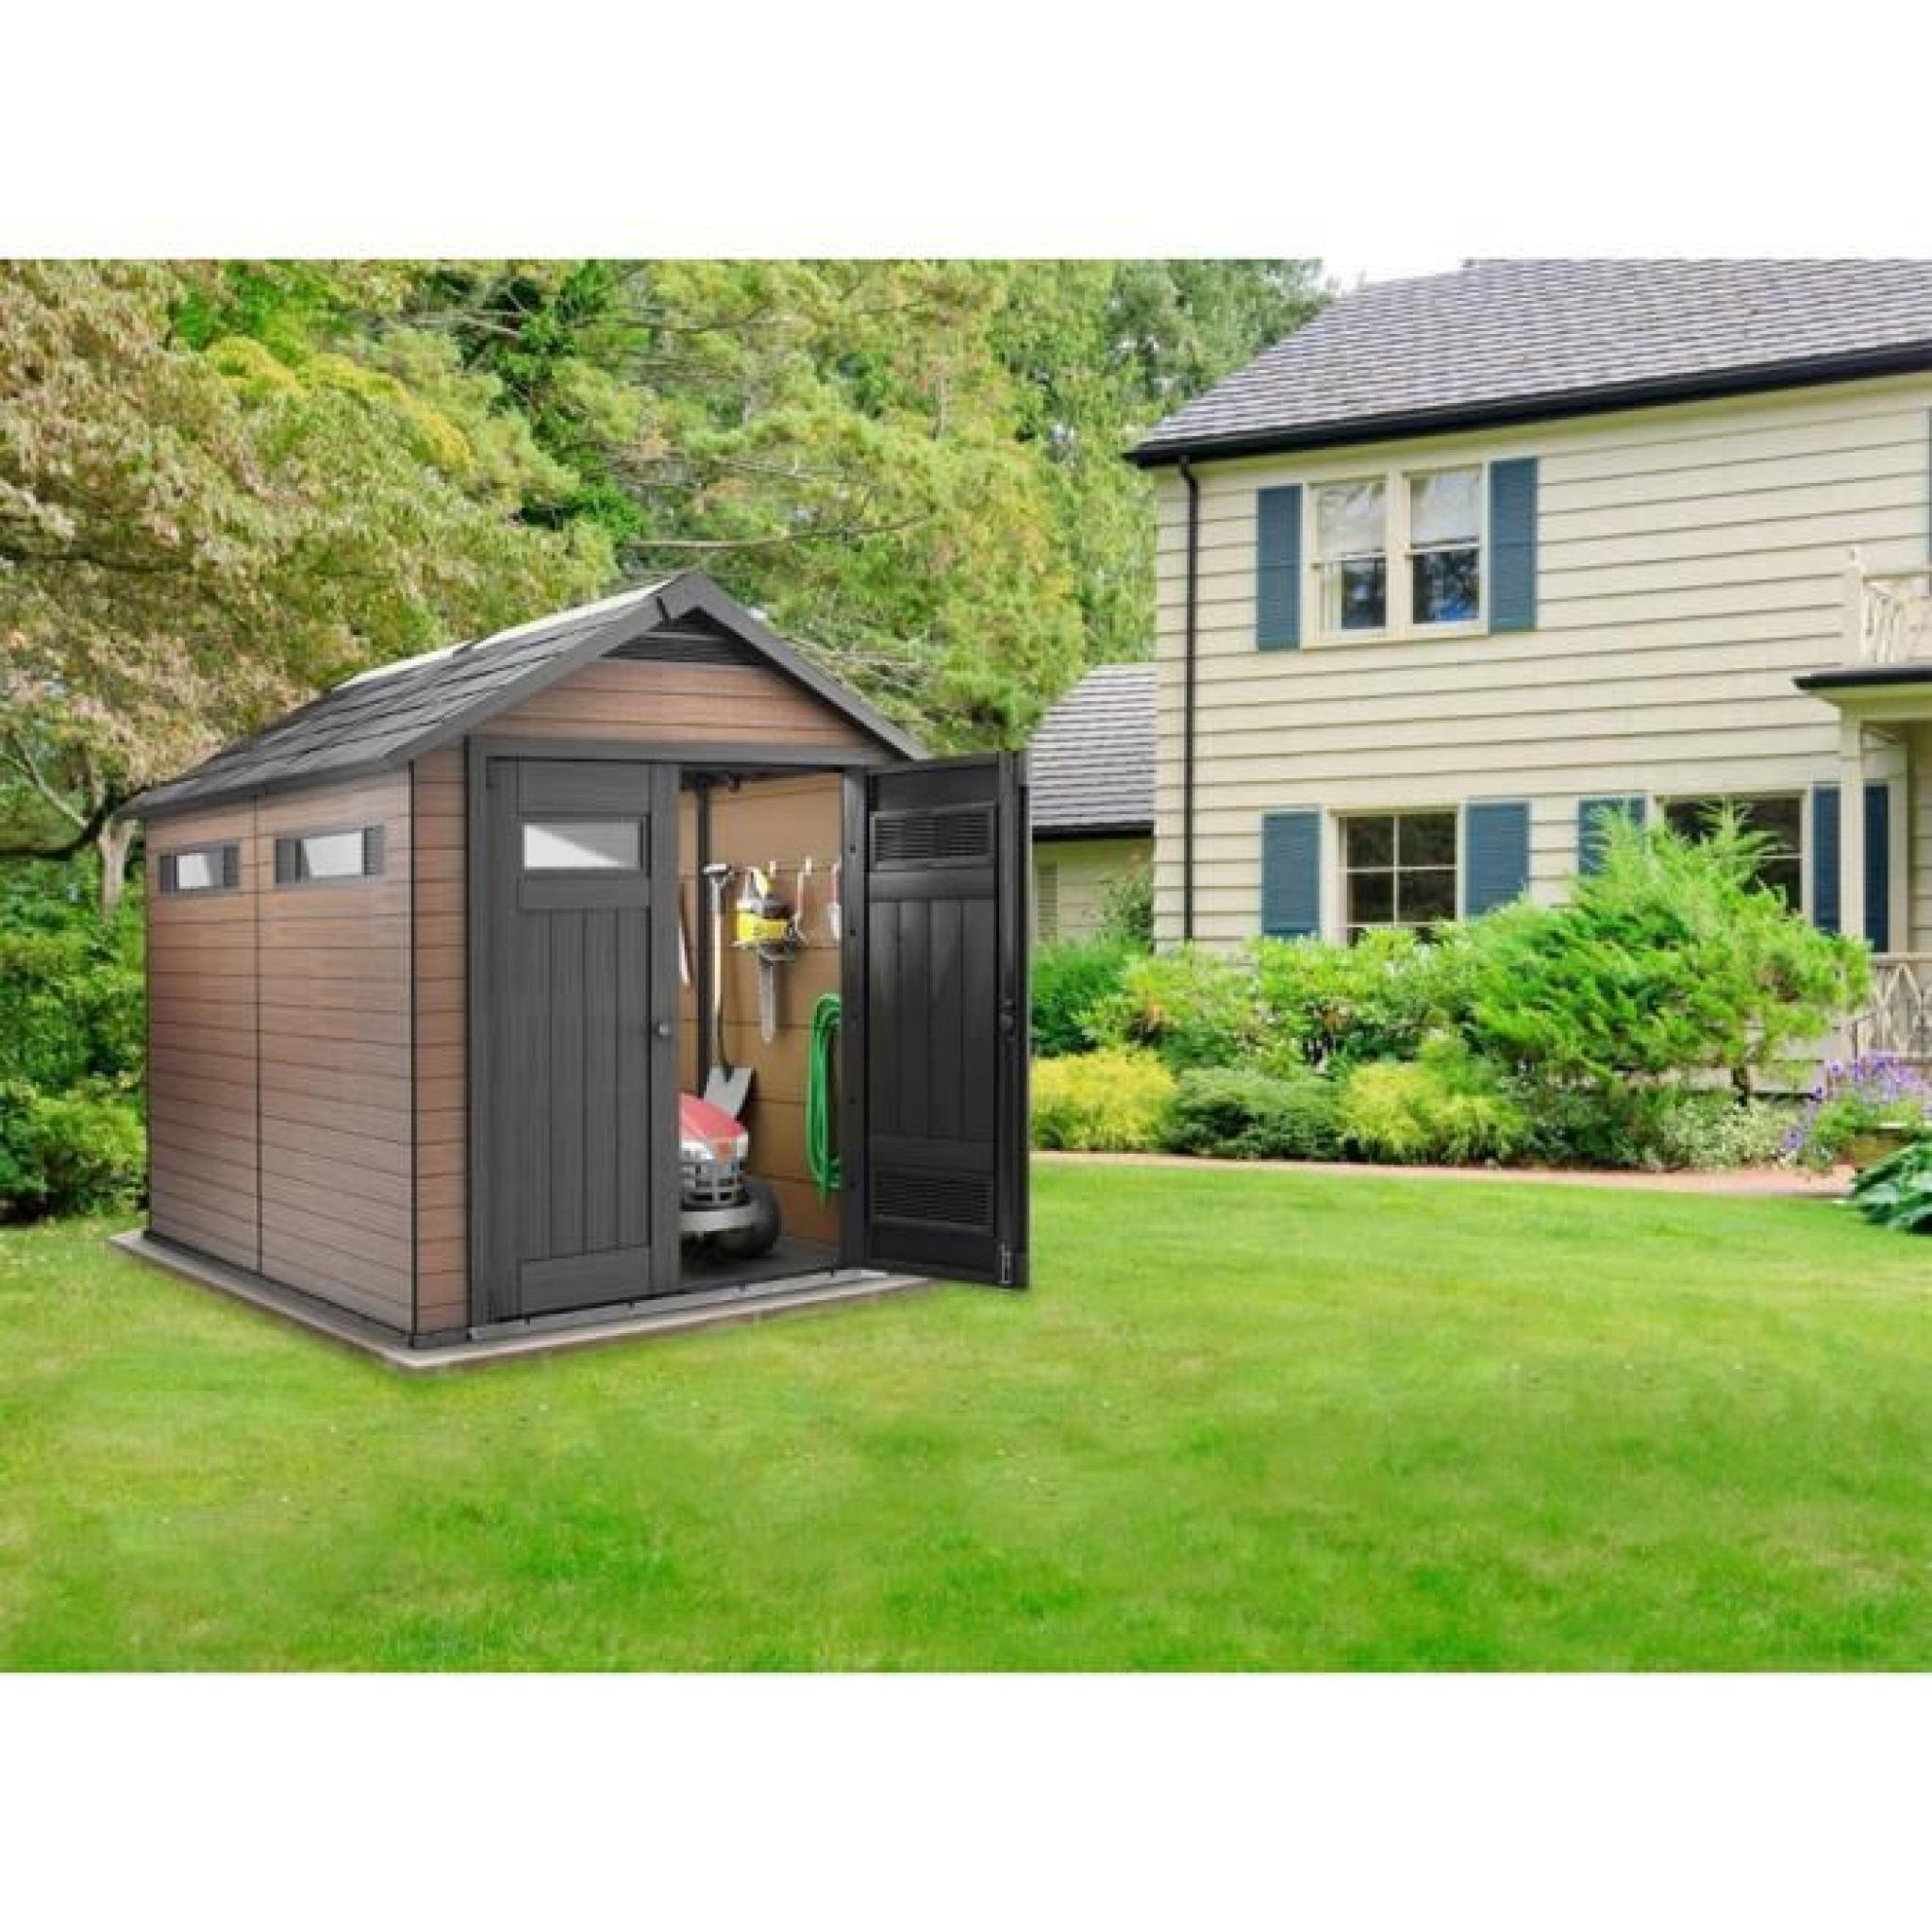 Abri De Jardin Résine En Composite Bois Marron, 229 X 287 avec Abri De Jardin Composite